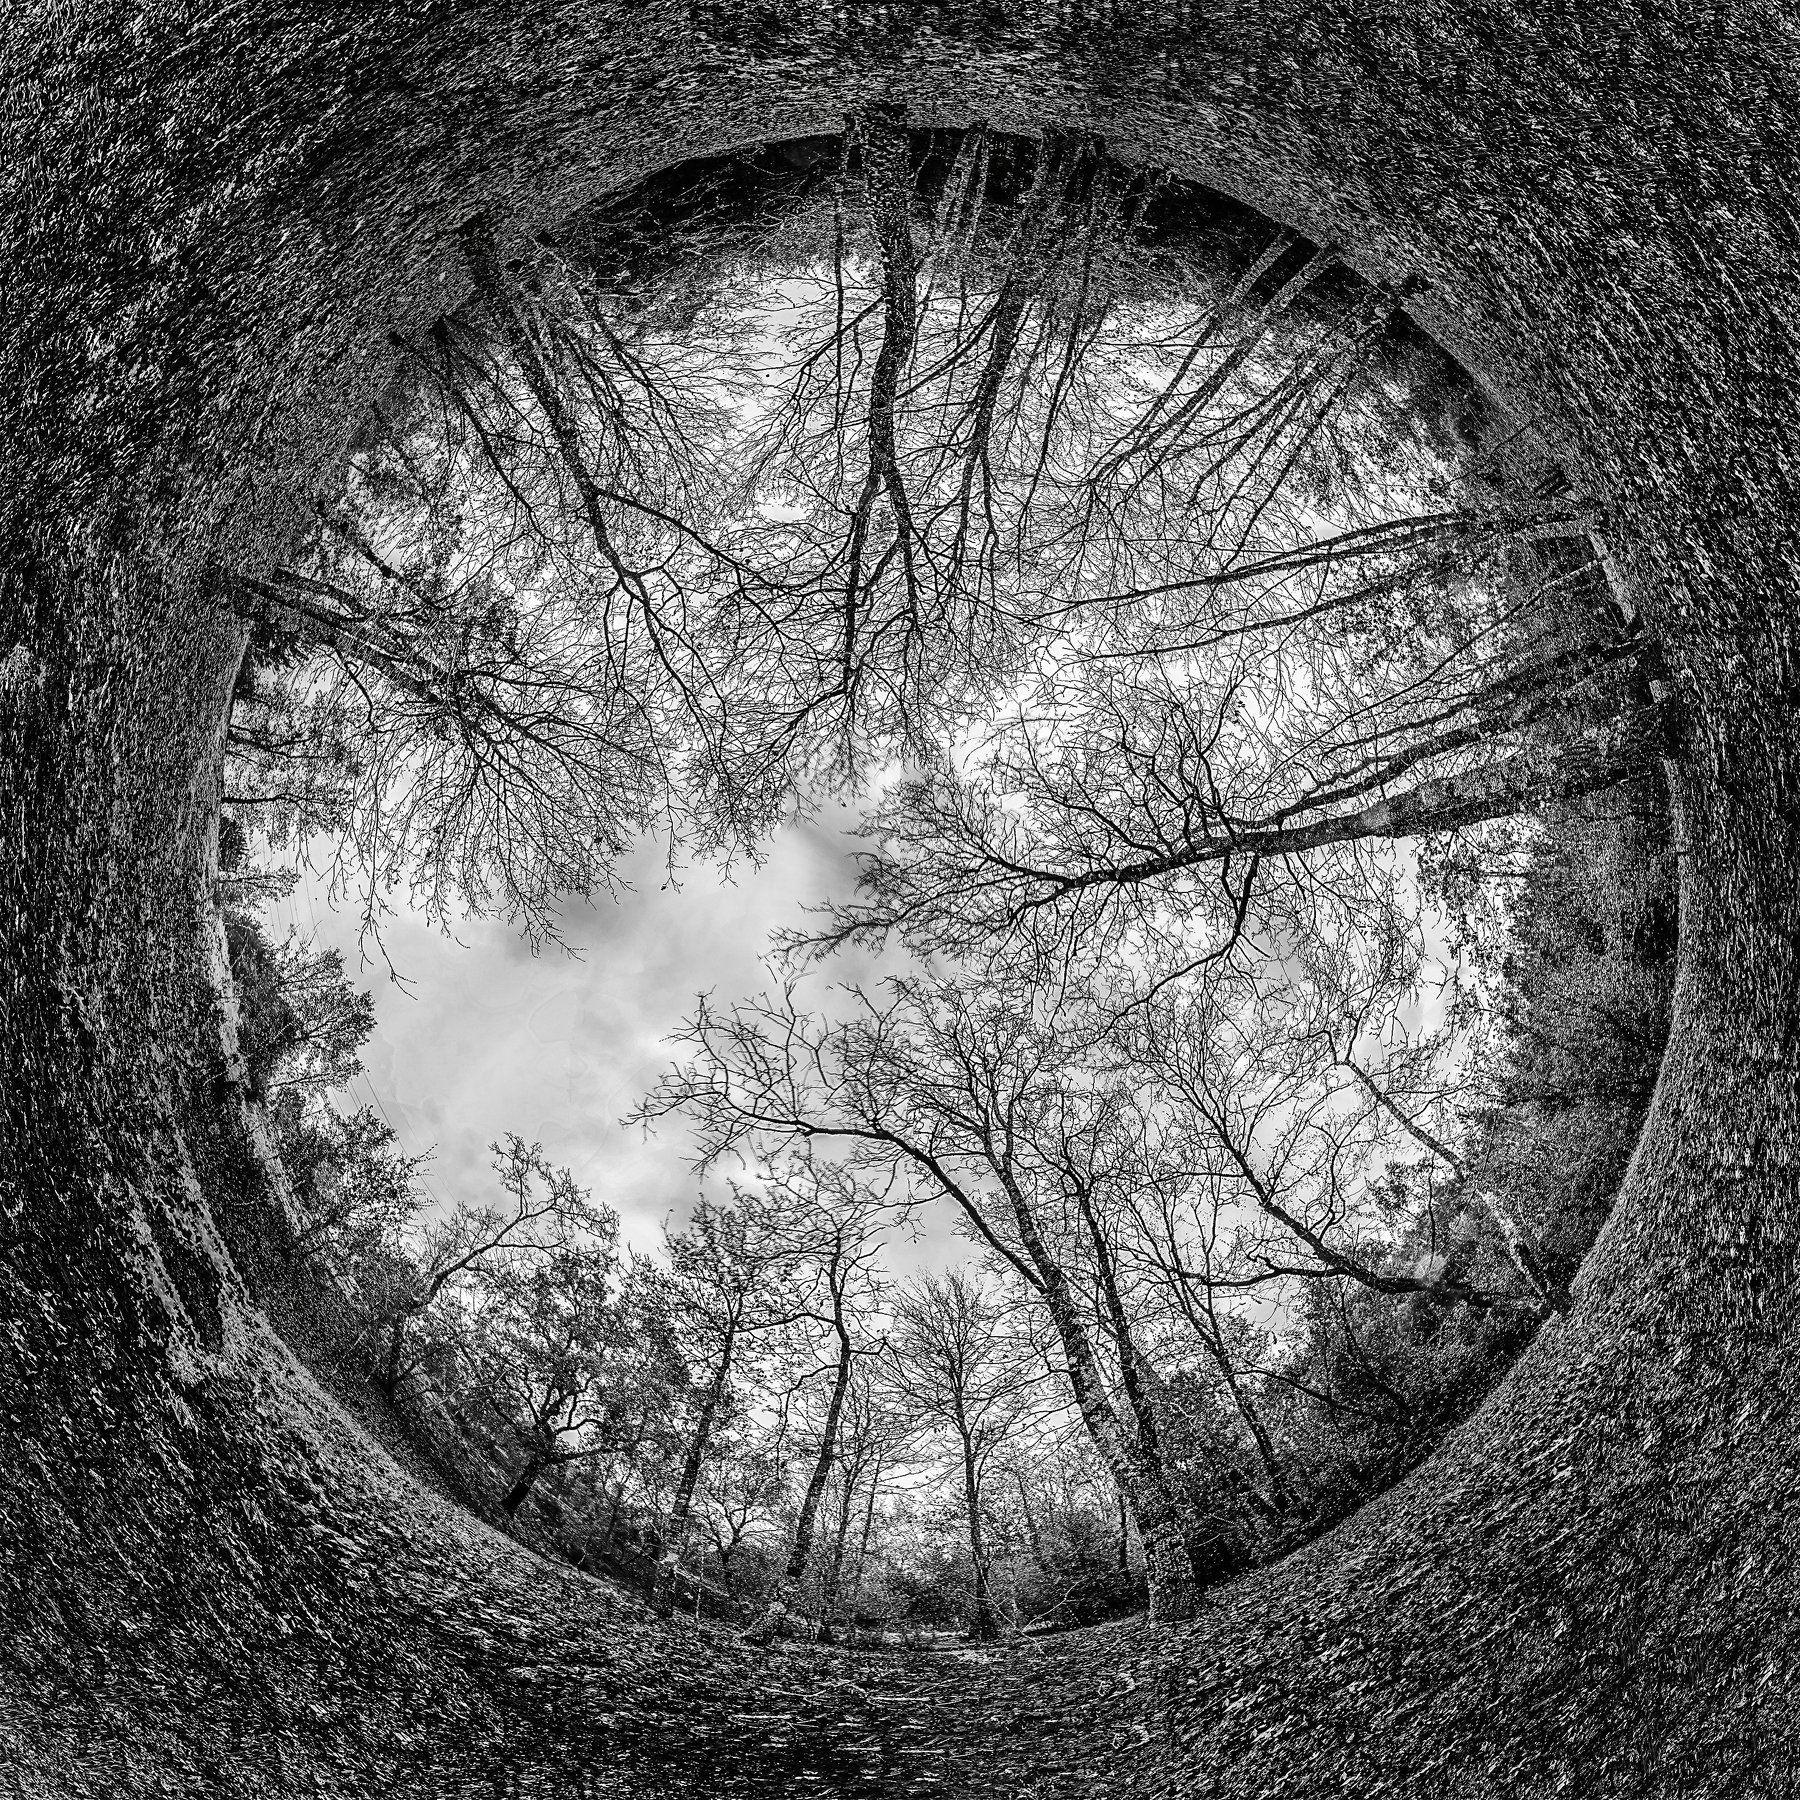 bnw, tree, round, world, sky, nature, Antonio Bernardino